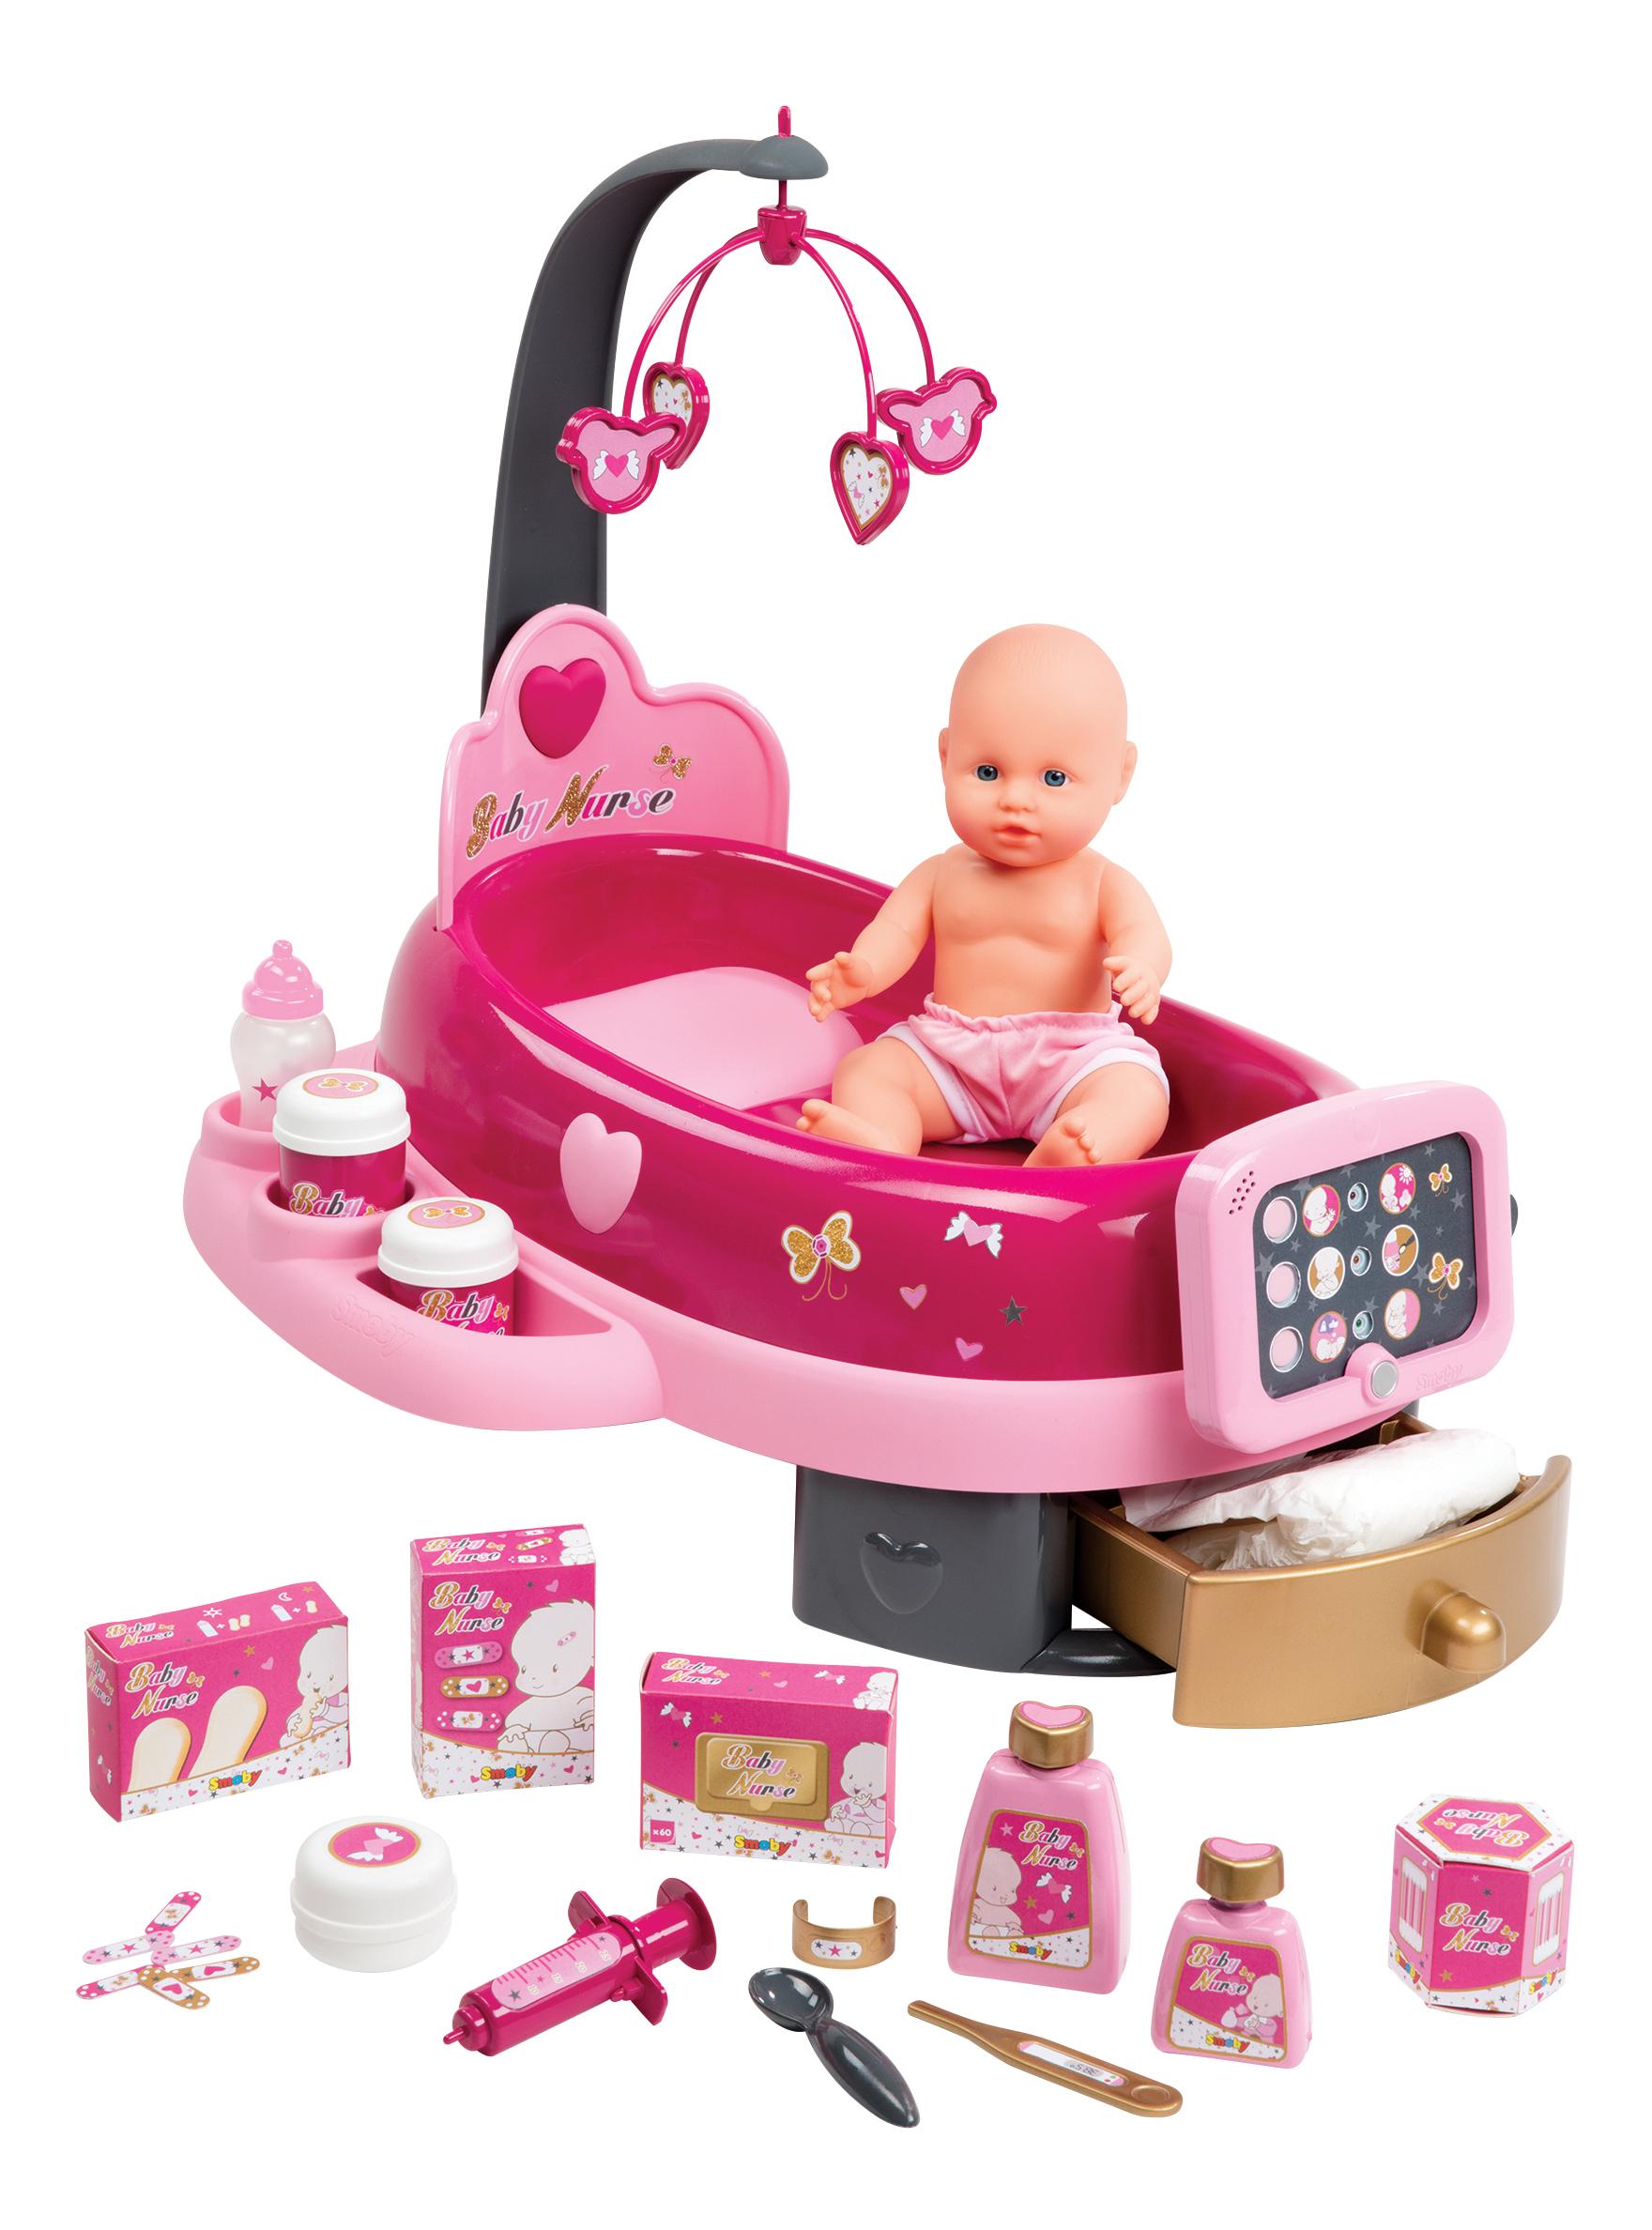 Купить Набор по уходу за куклой, свет, звук, 39*54*50 см, 1/2, Smoby, Игровые наборы